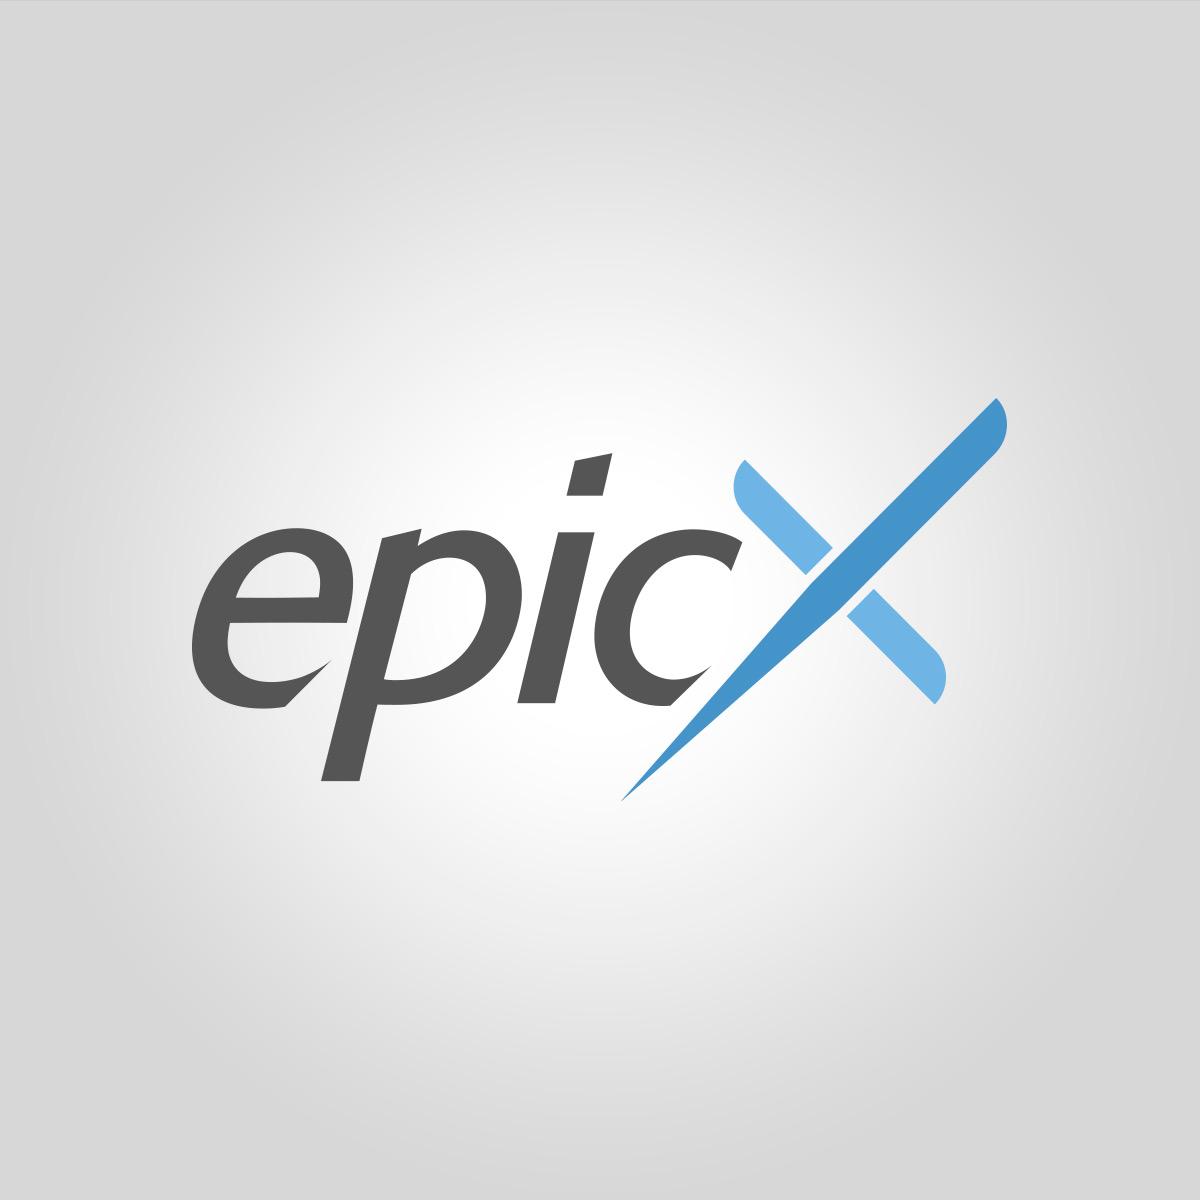 Epic X Logo The Pixel Studio